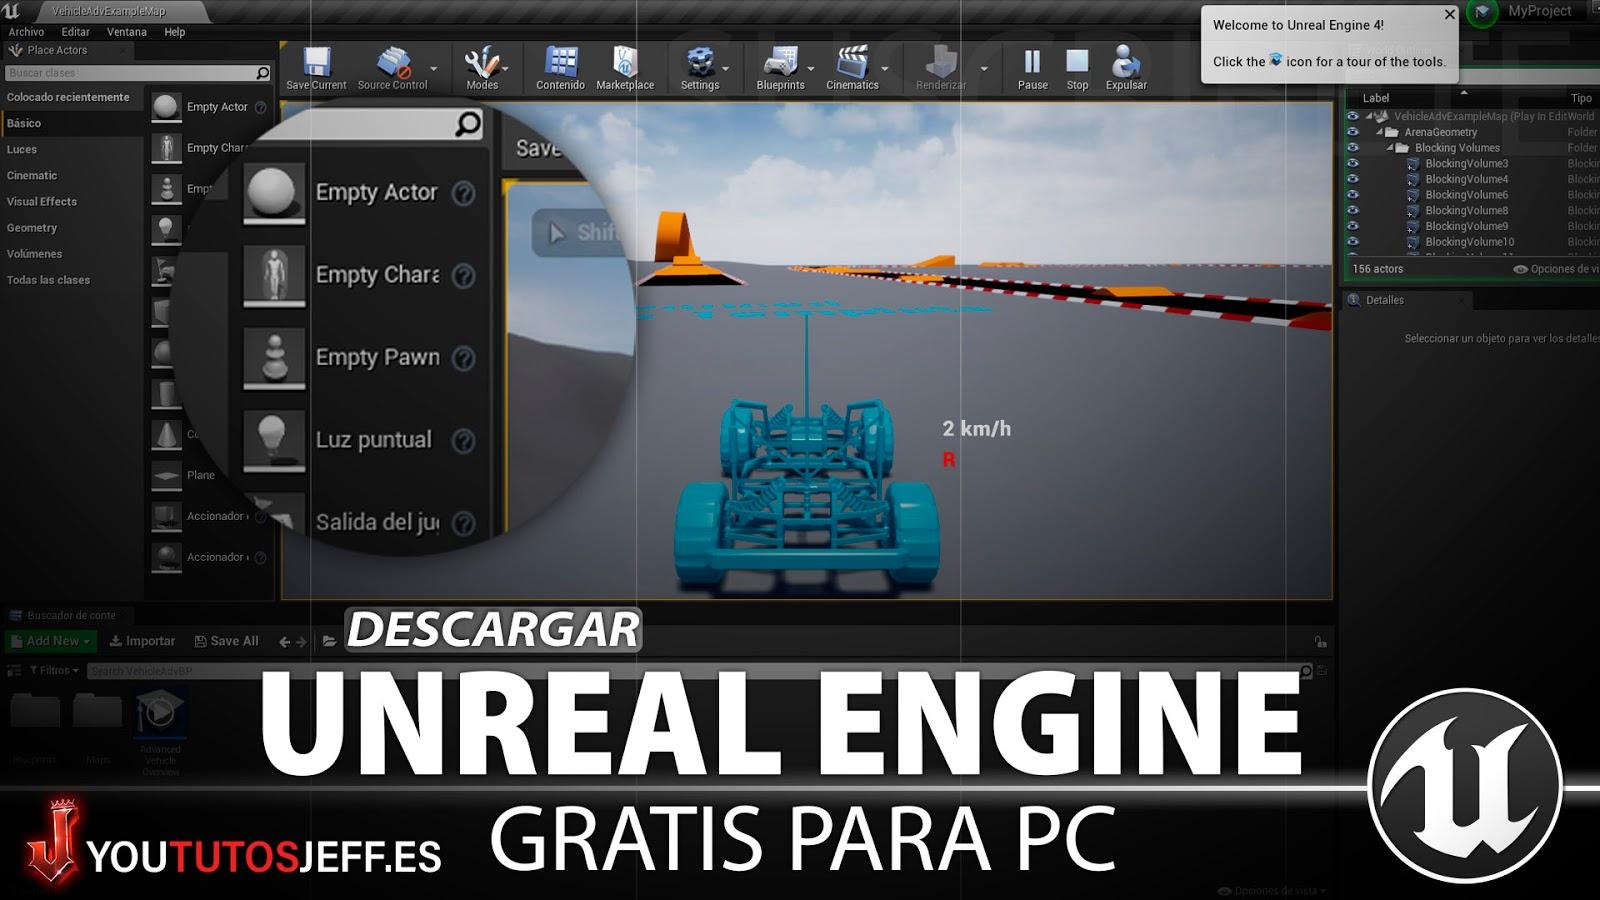 Como Descargar Unreal Engine 4 Gratis para PC